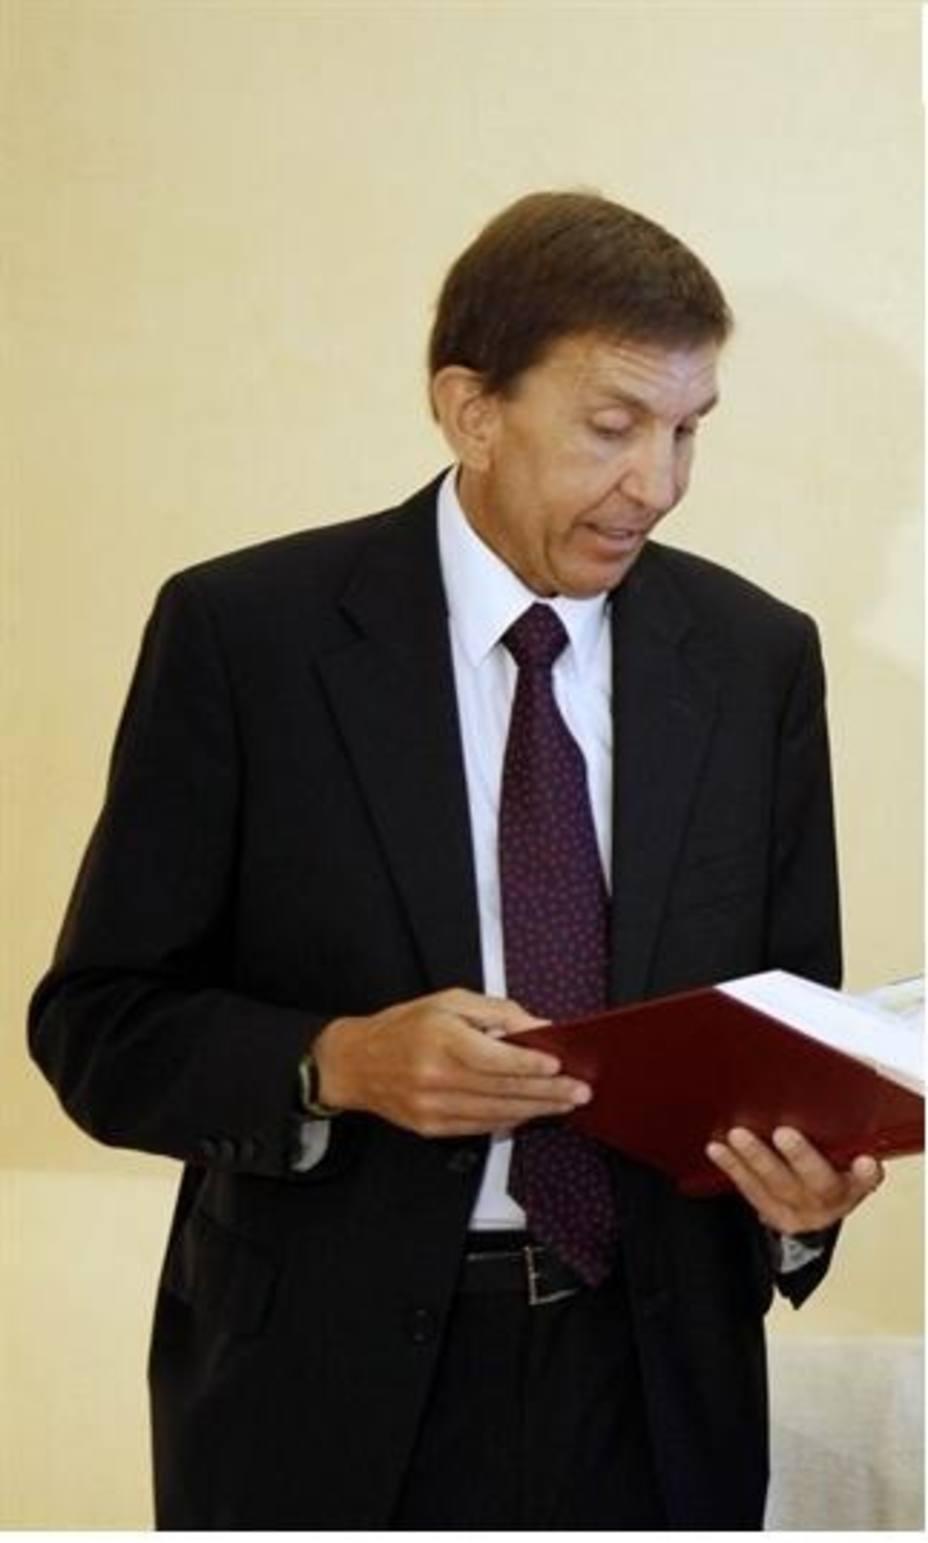 Un abogado defensor del espionaje anuncia acciones legales contra Moix y los comisarios que investigaron el caso